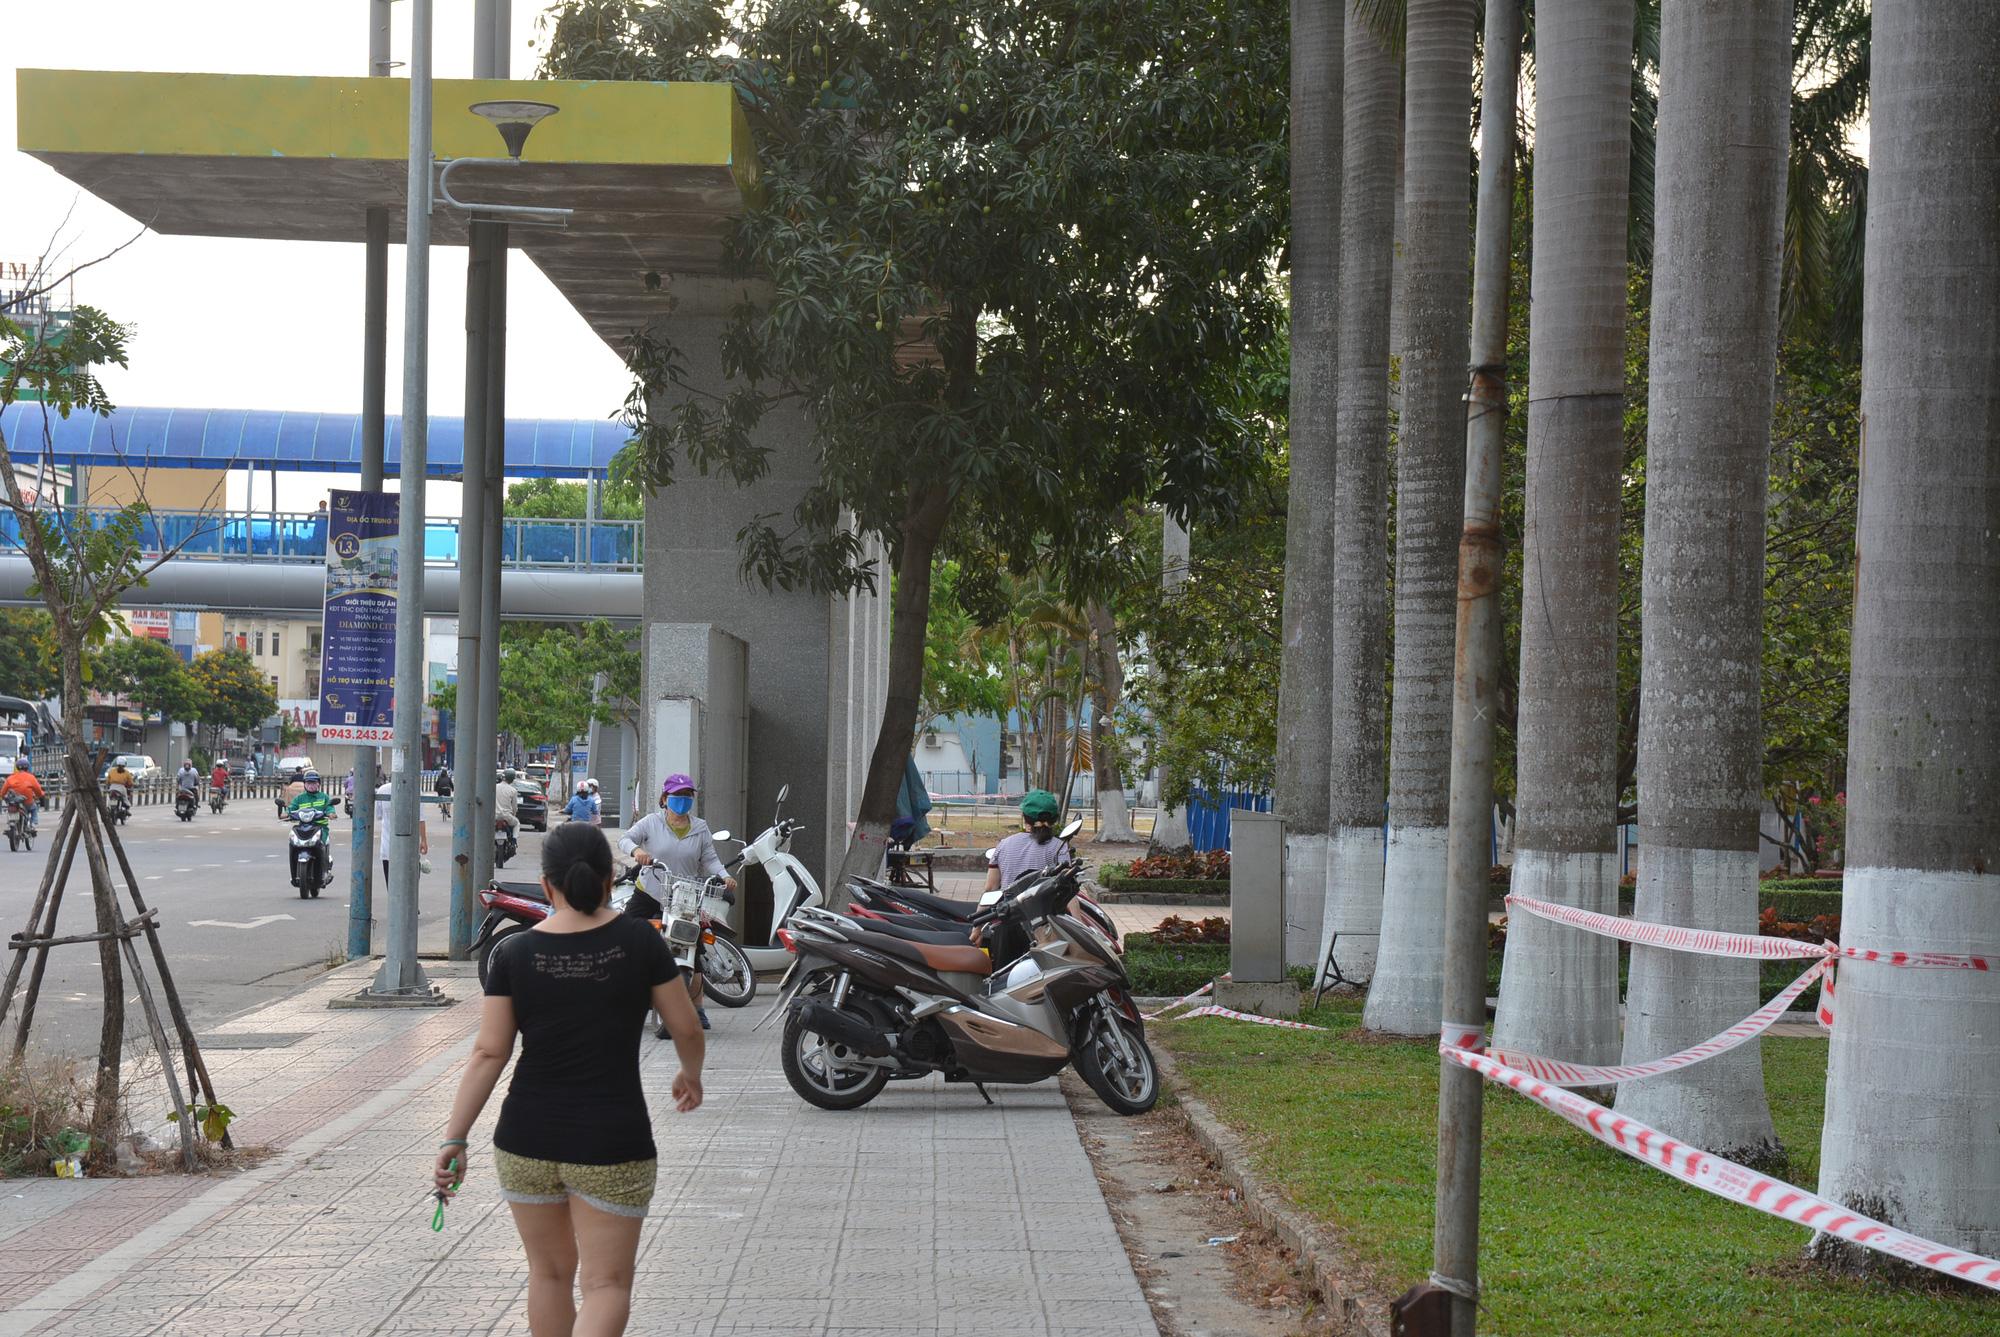 Người Đà Nẵng ra đường đông như không có cách li xã hội - Ảnh 6.